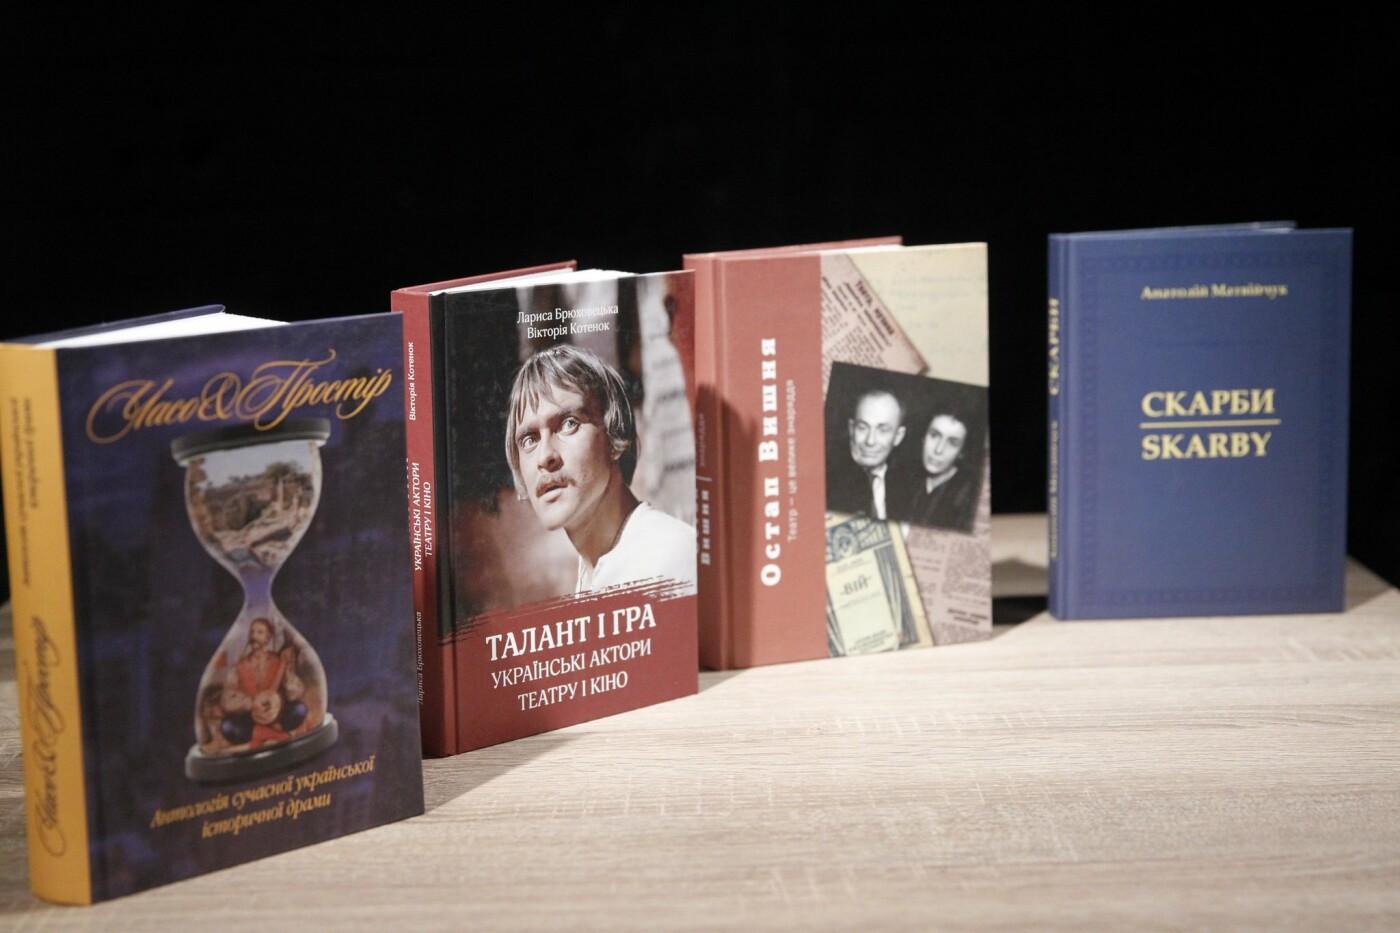 Презентация книг о театральном искусстве в Киеве